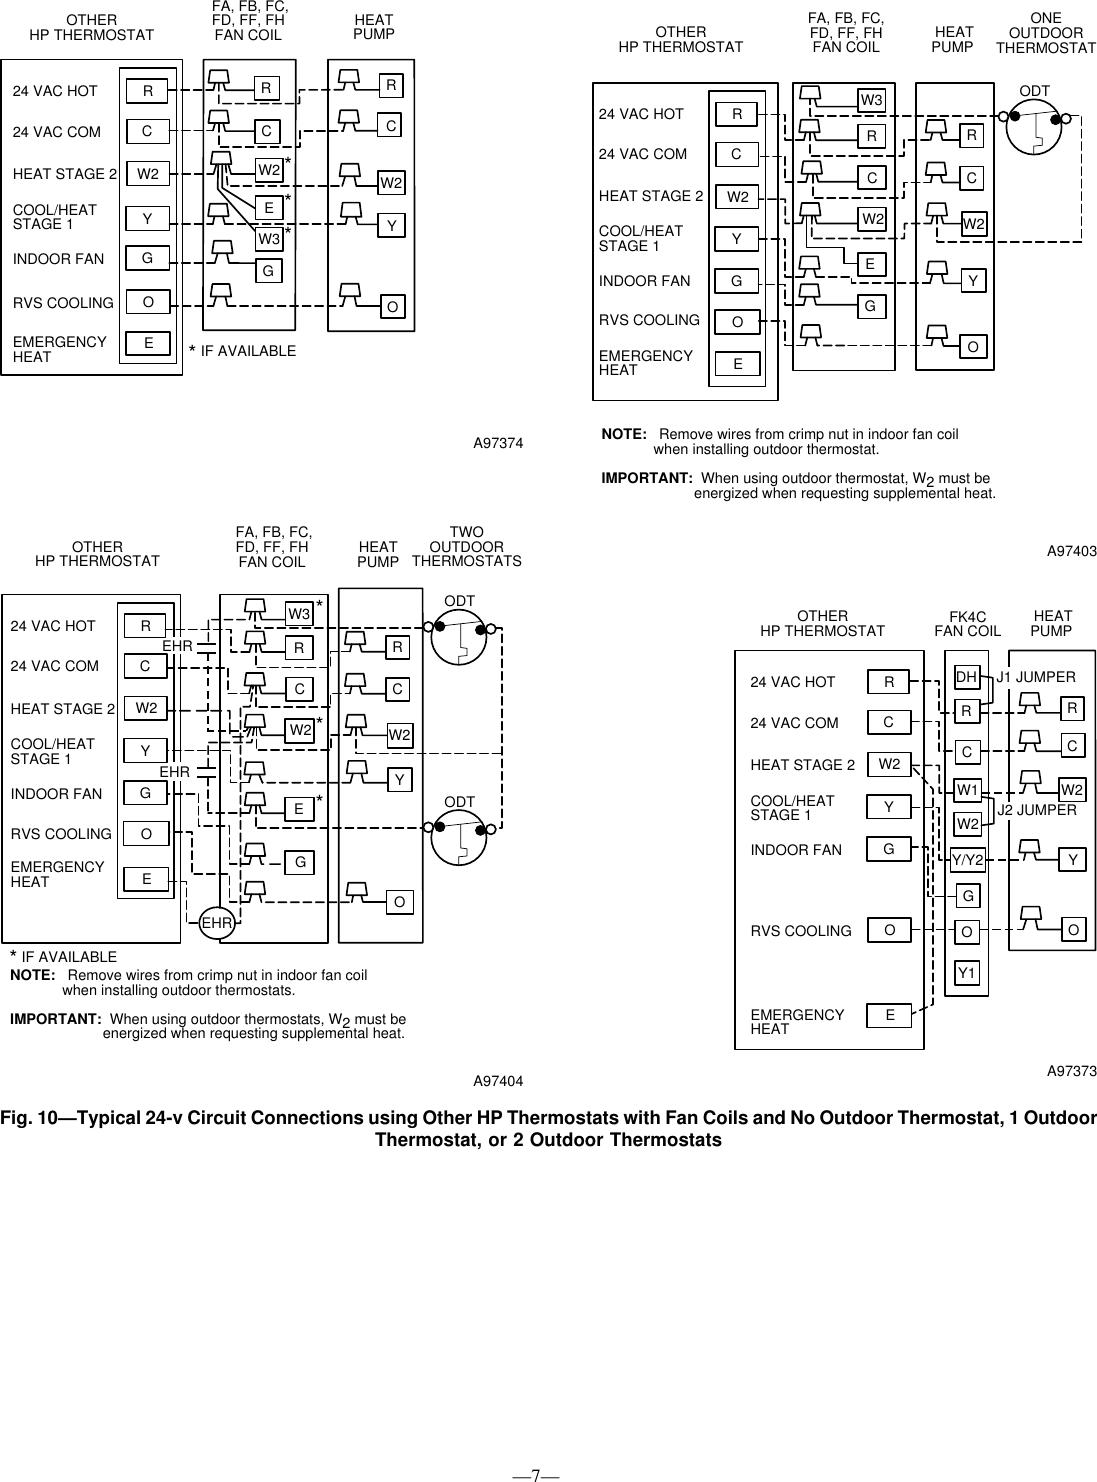 Bryant 663C Users Manual